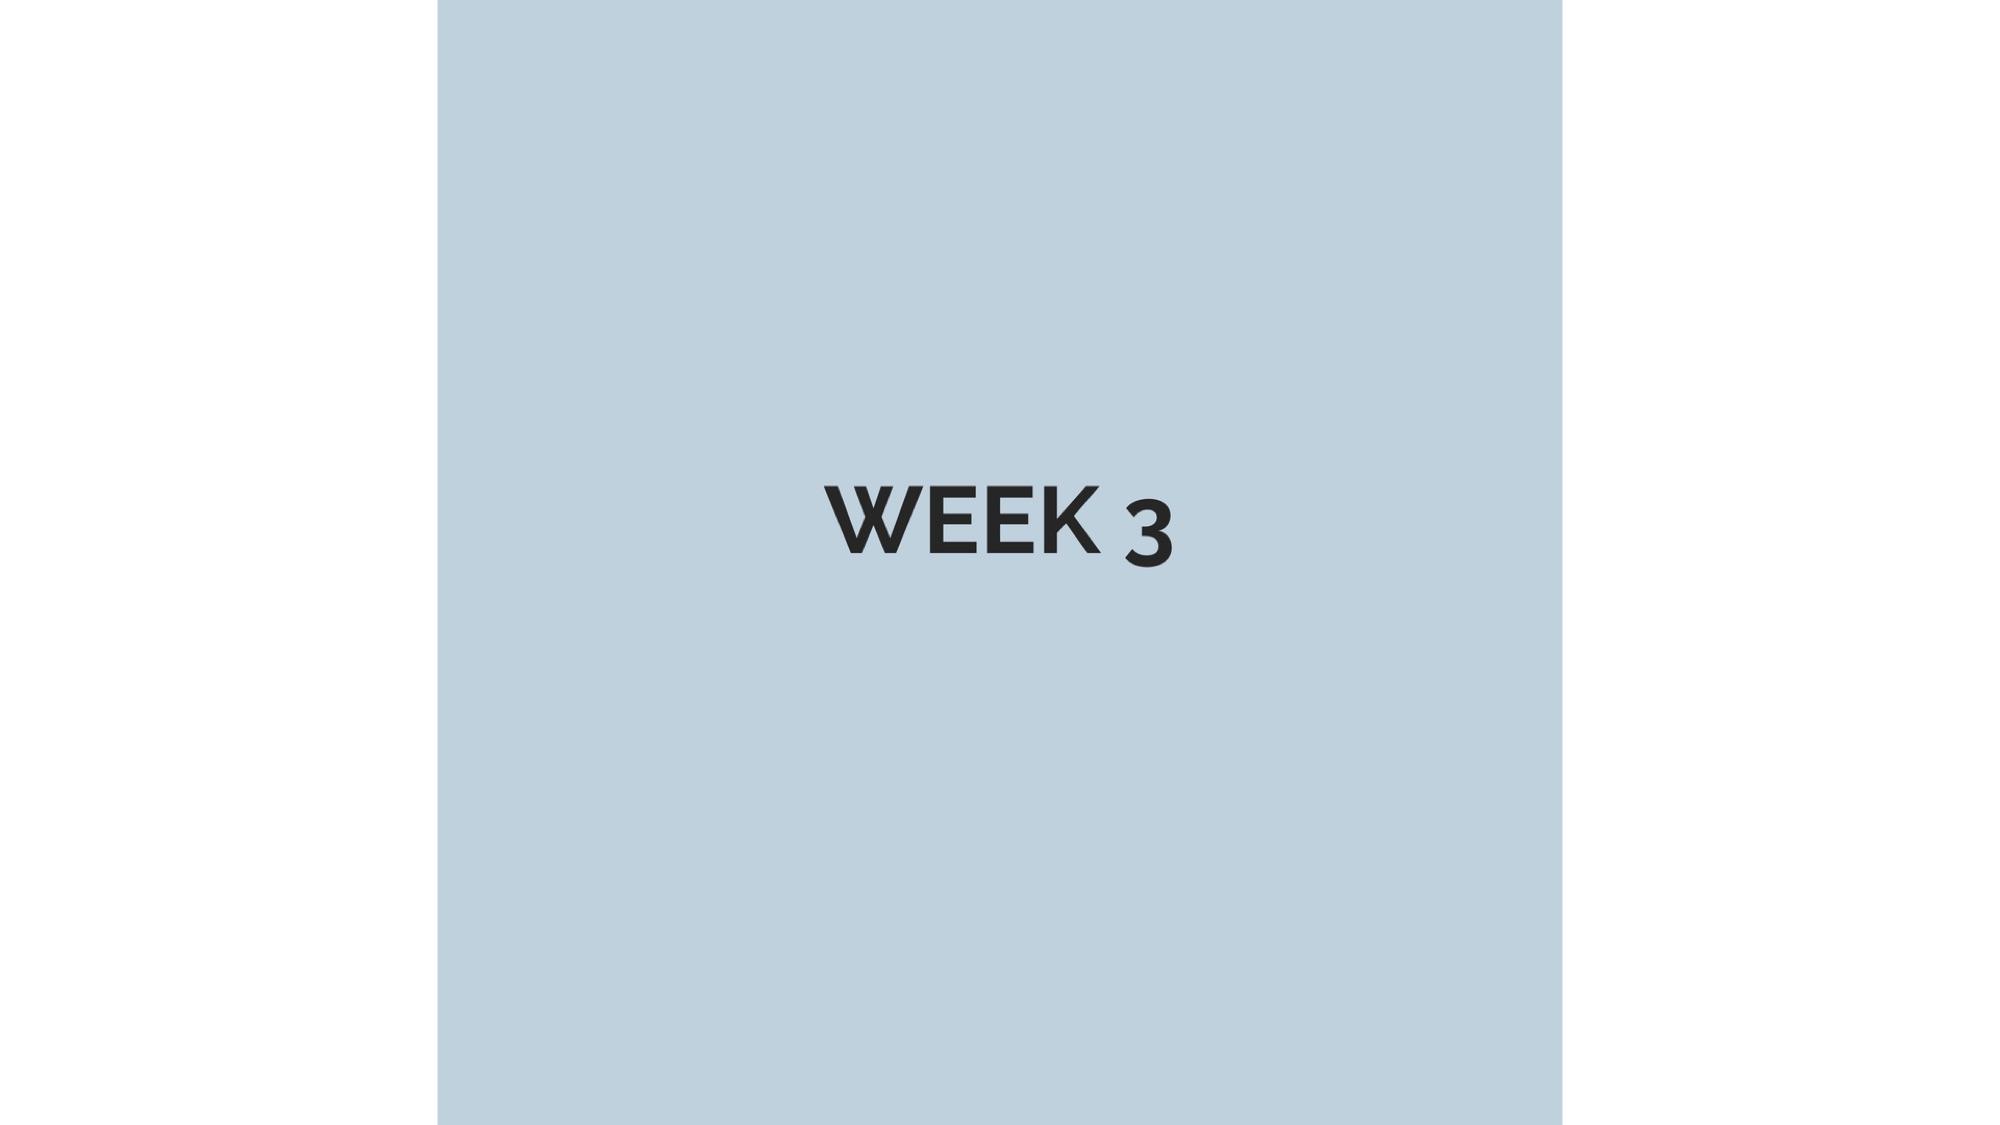 WEEK 3.jpg